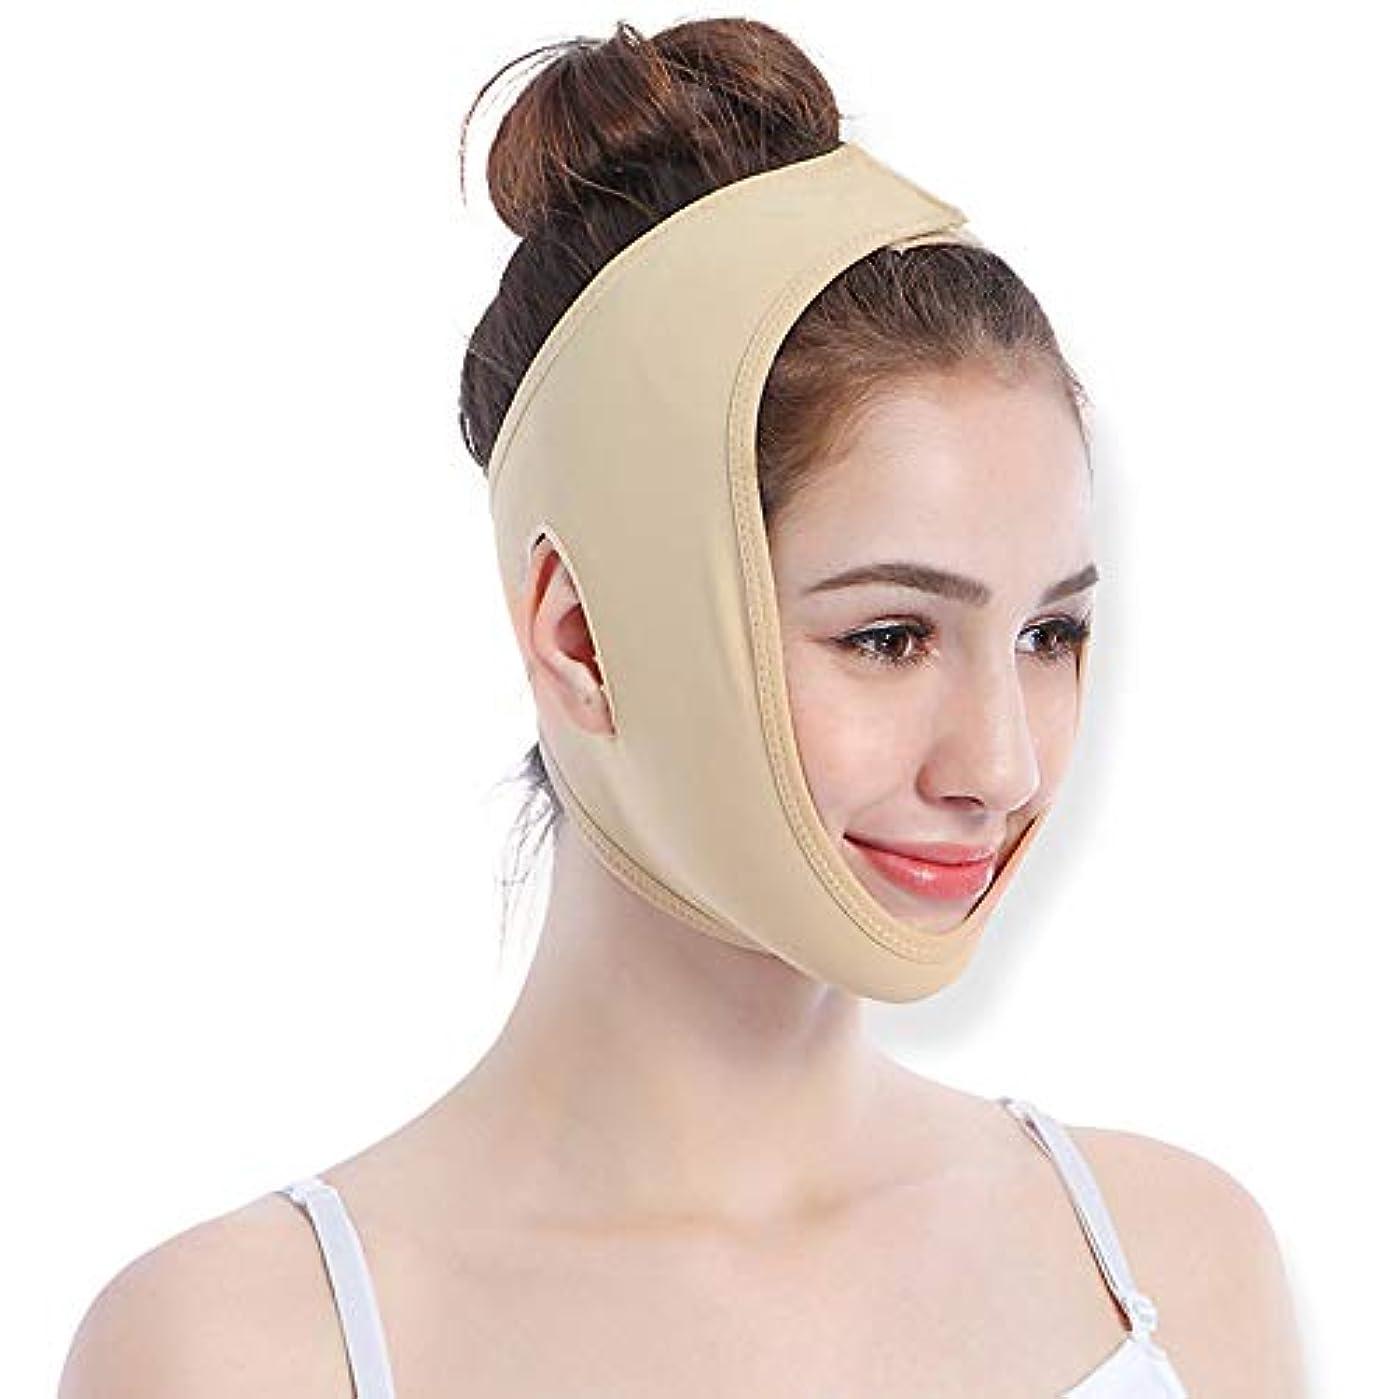 ズームインするぎこちないチーター顔の重量損失通気性顔マスク睡眠 V 顔マスク顔リフティング包帯リフティング引き締めフェイスリフティングユニセックス,S